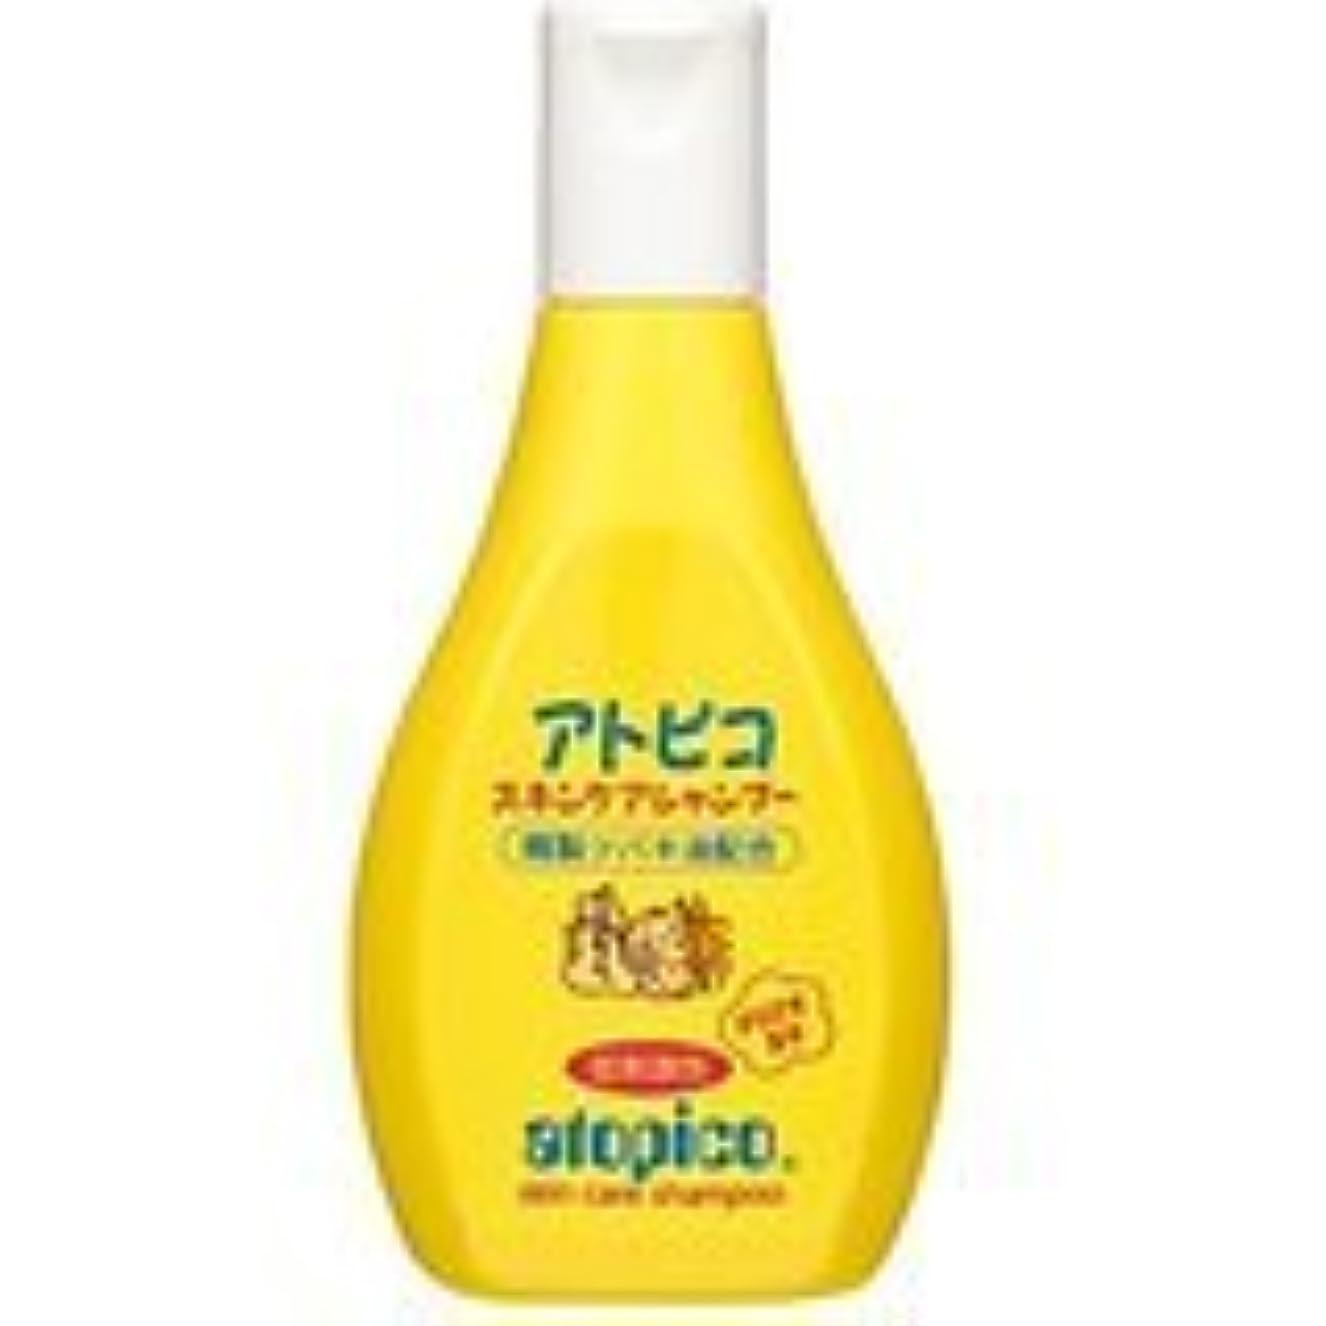 寝室を掃除するホラー自治【アトピコ】スキンケアシャンプー 200ml